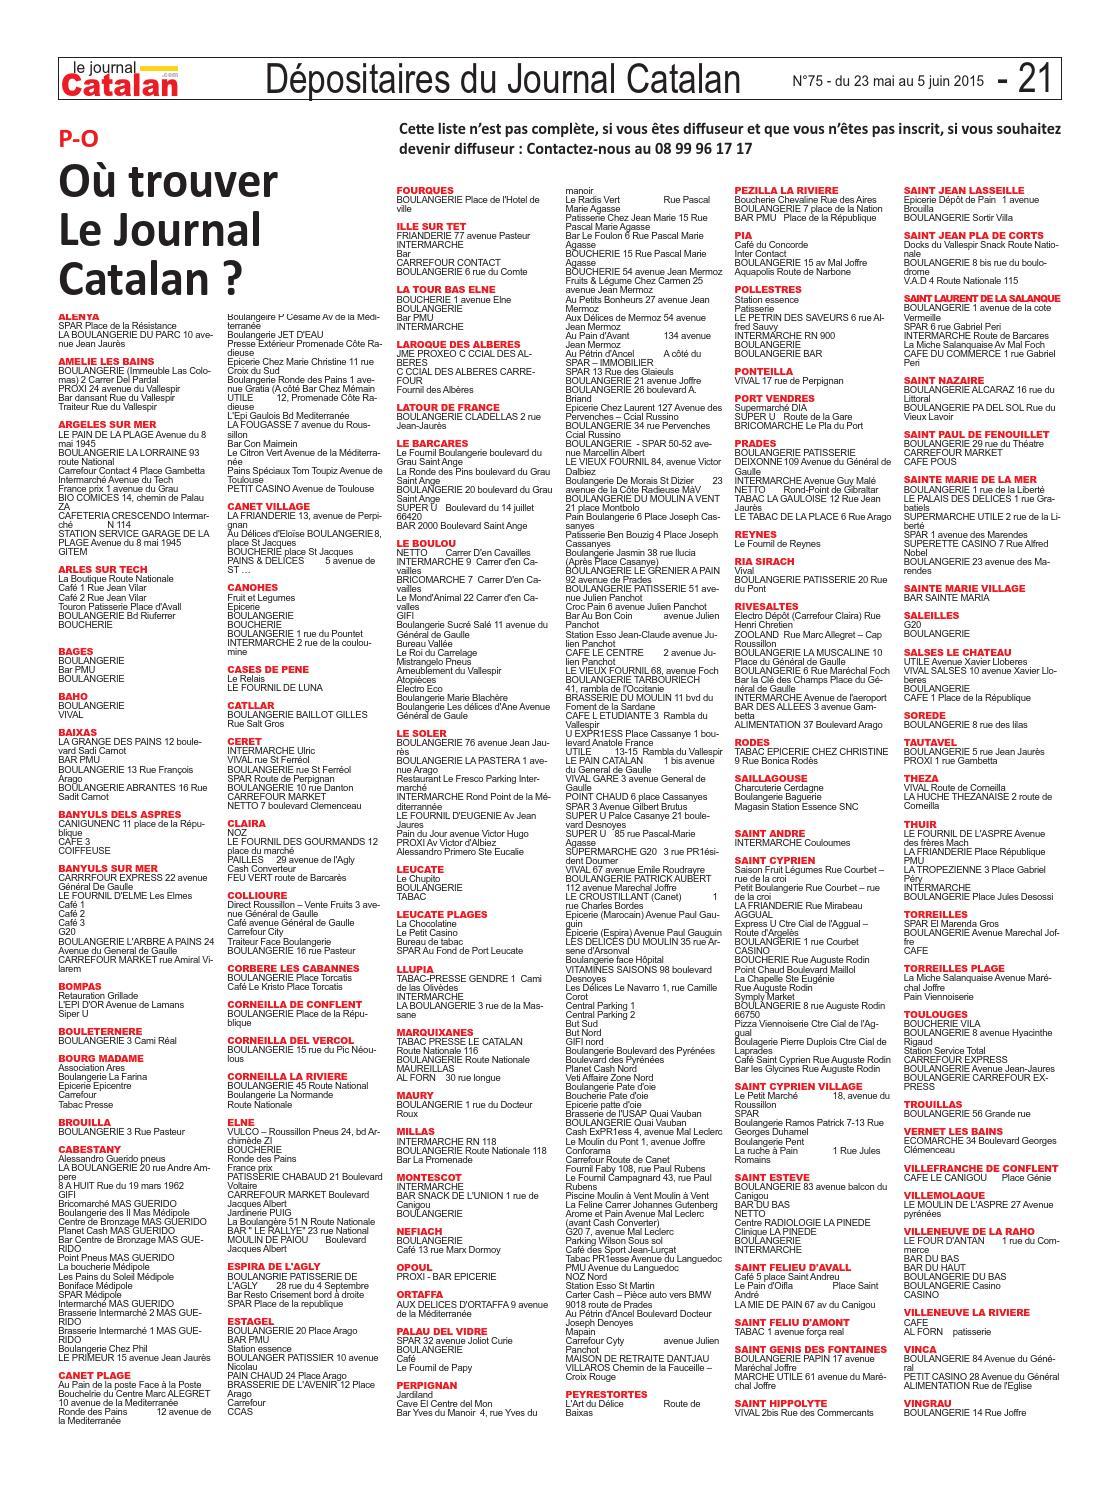 Le Journal Catalan N75 Pyrénées Orientales La Préfète